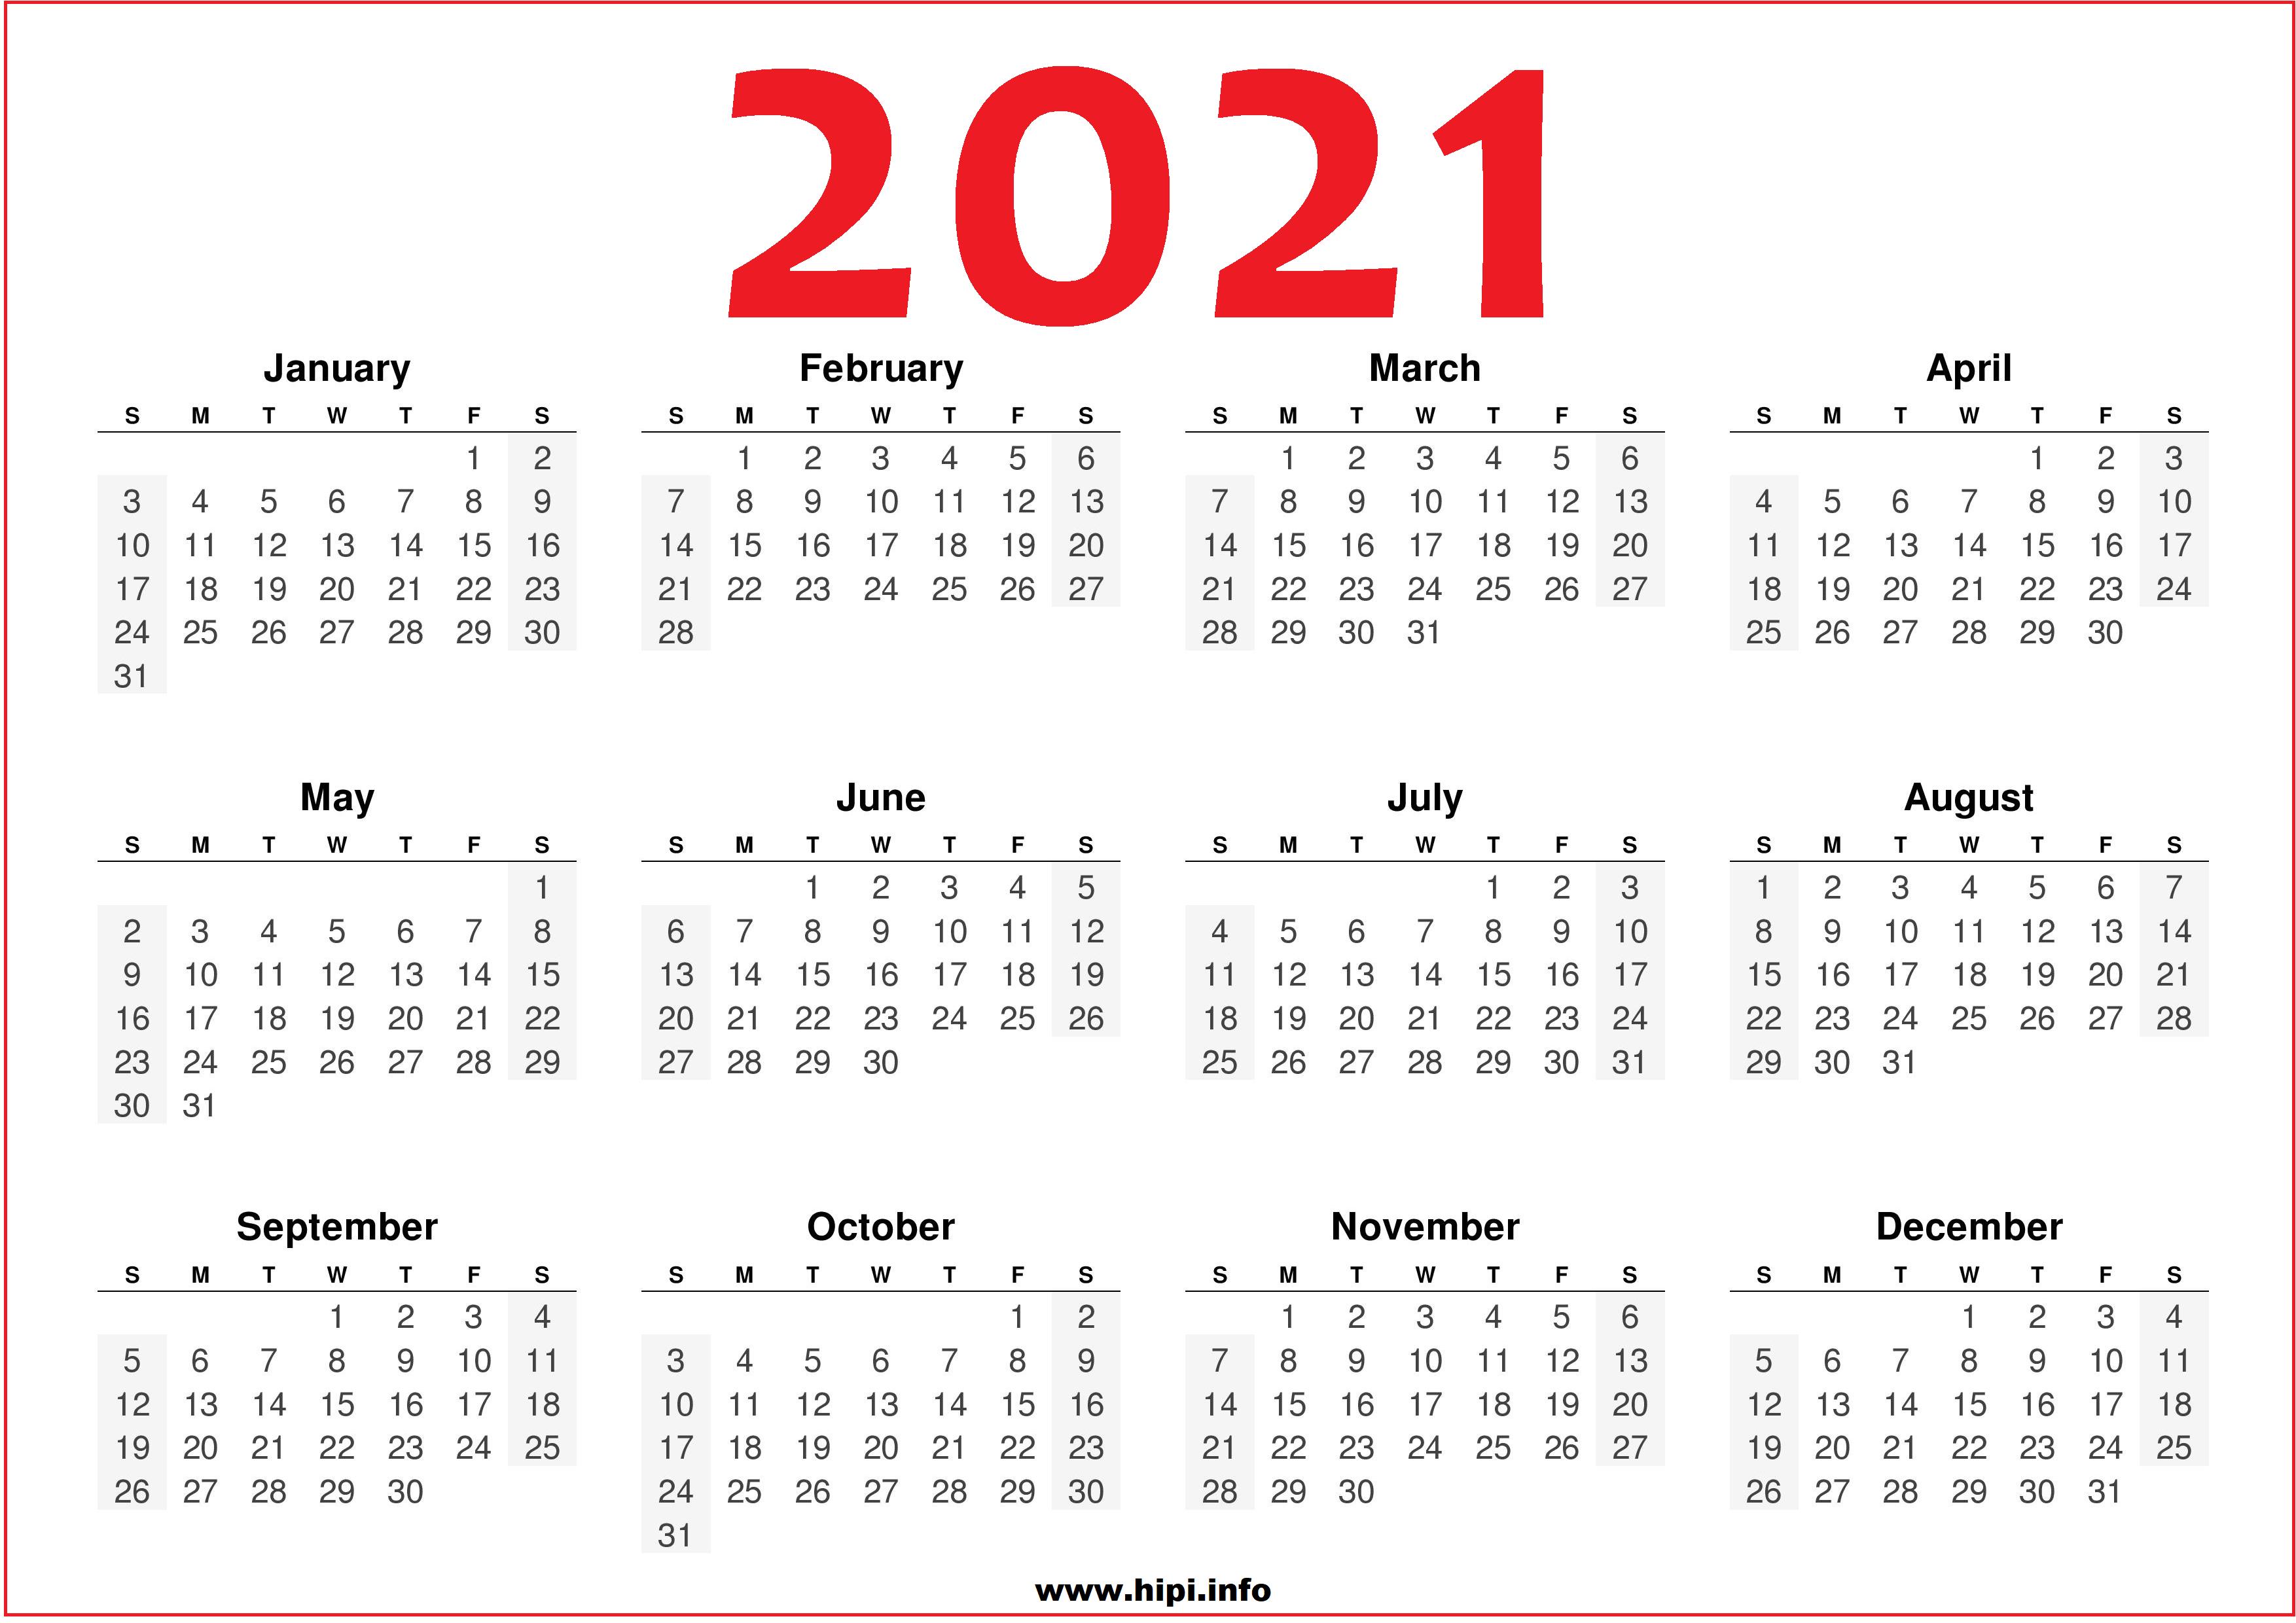 2021 Printable 12 Month Calendar Templates - Hipi.info